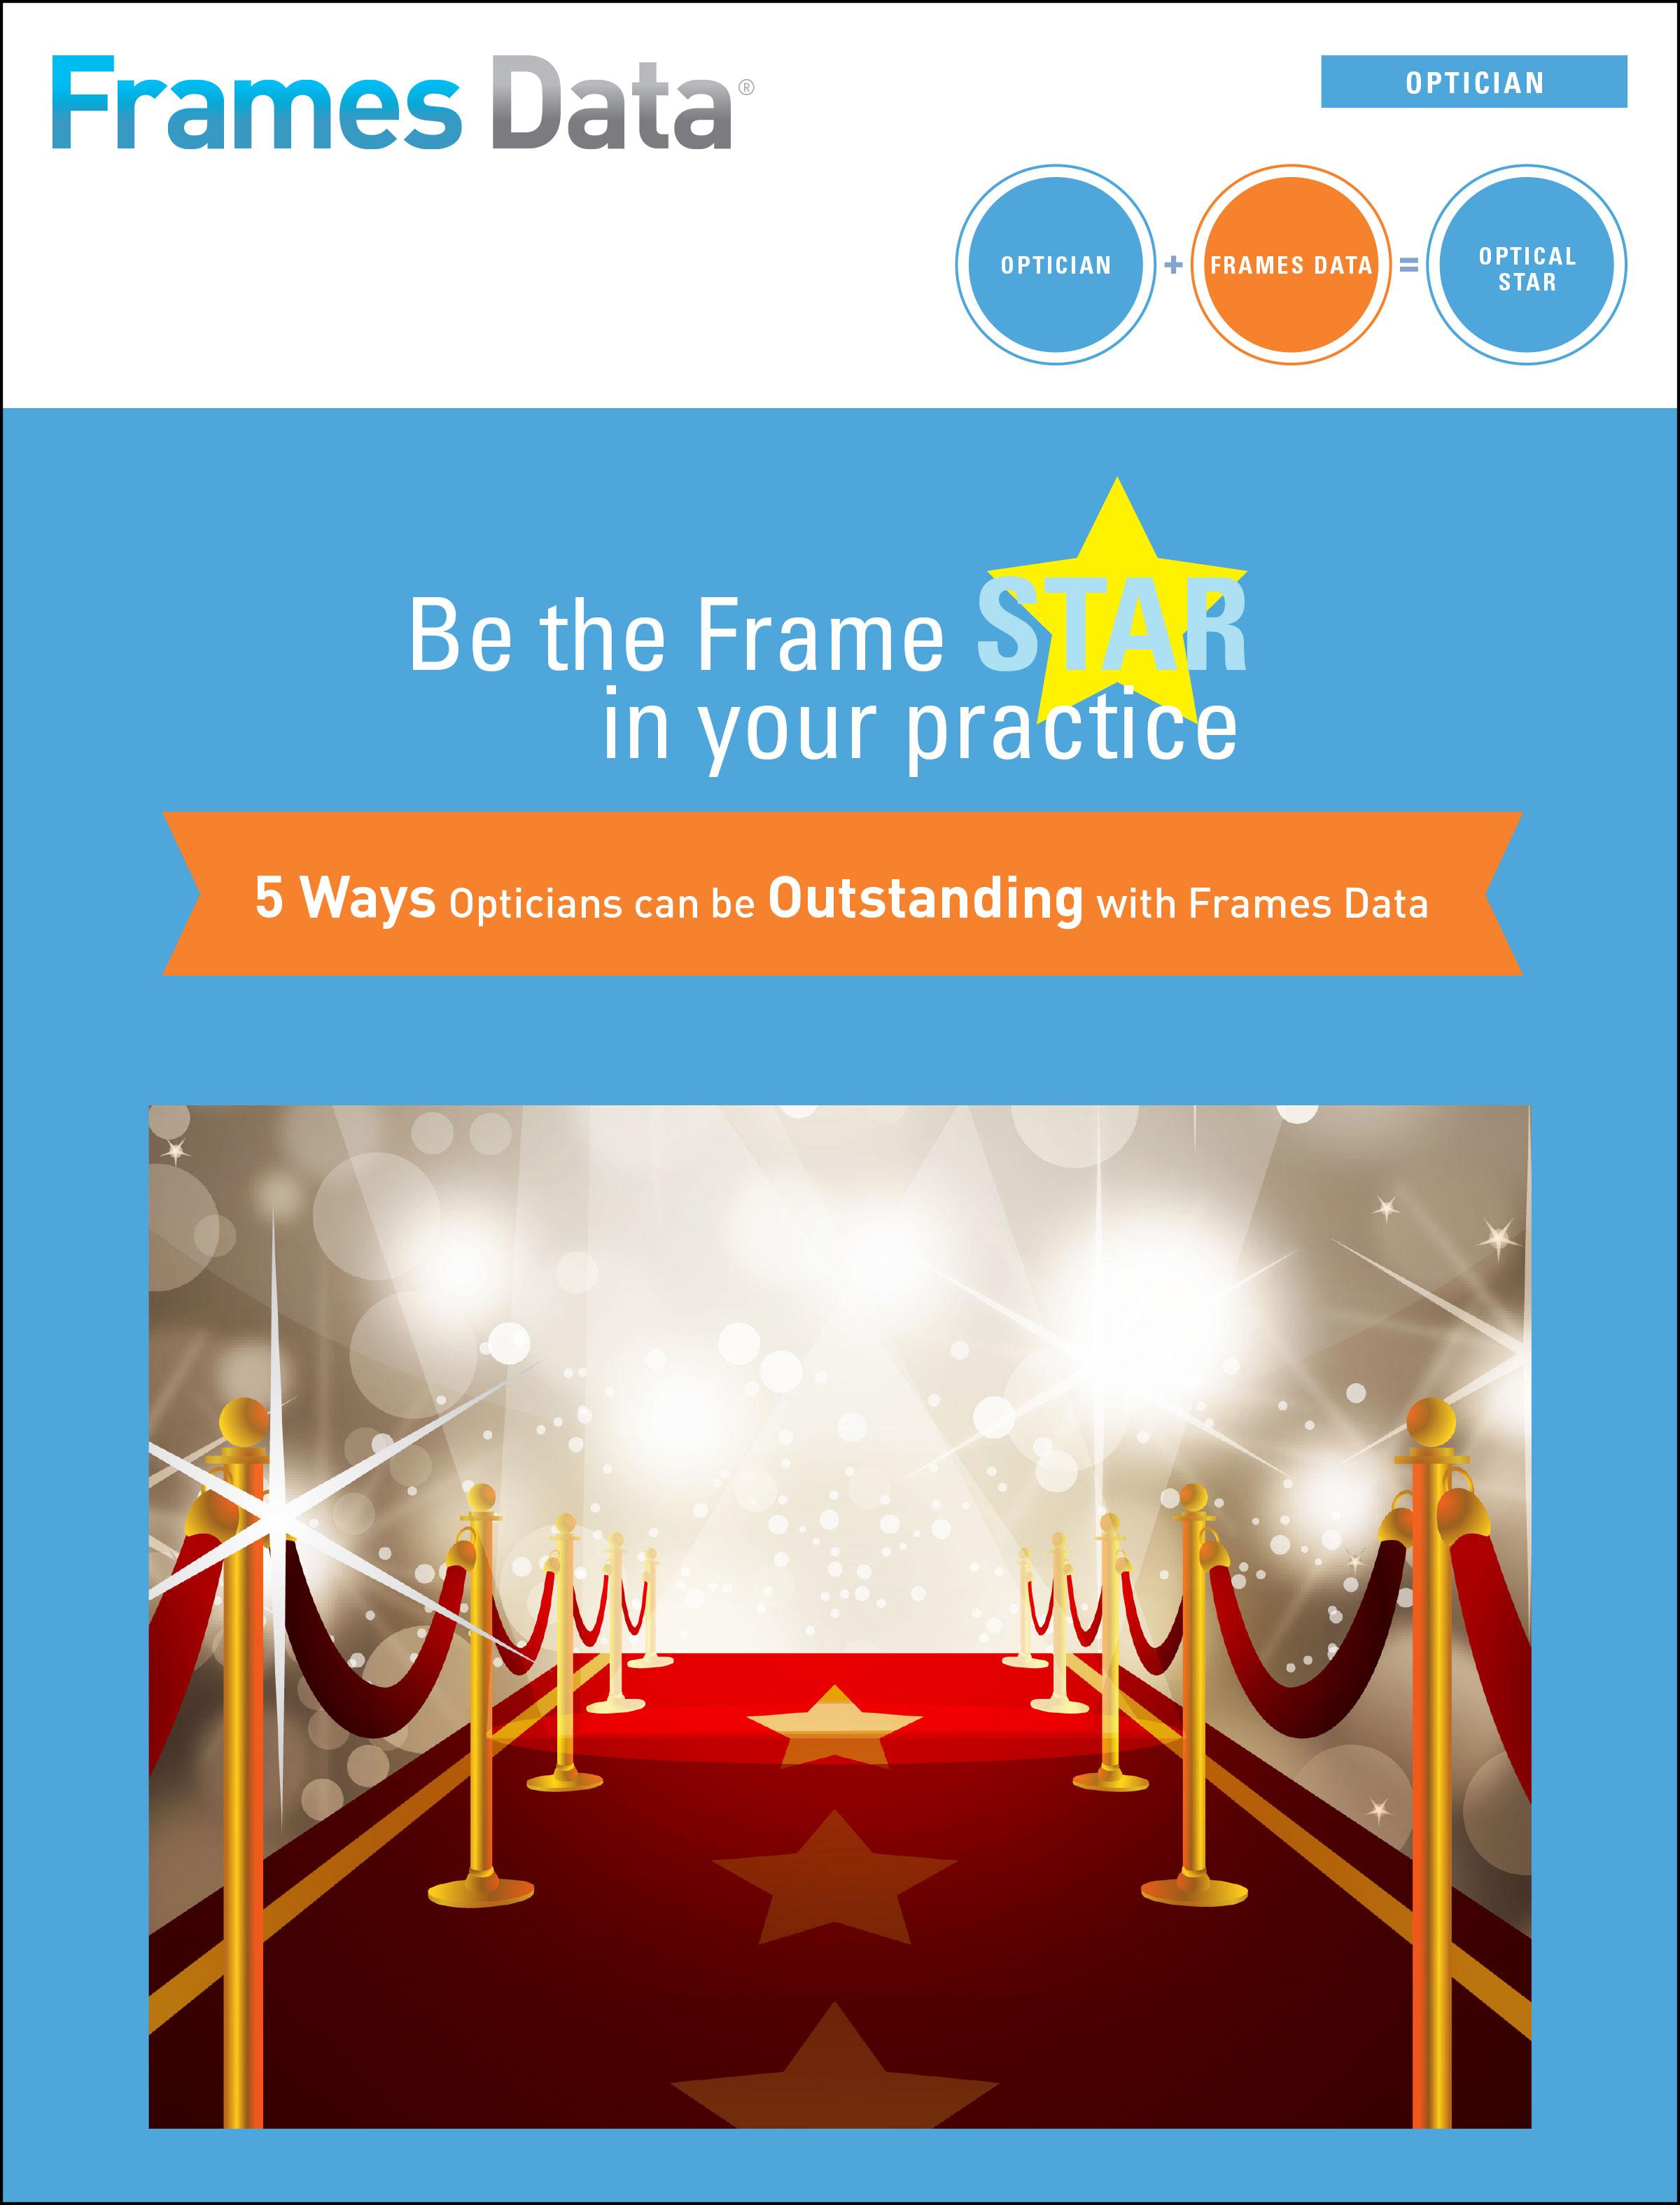 Frames Data Newsletter